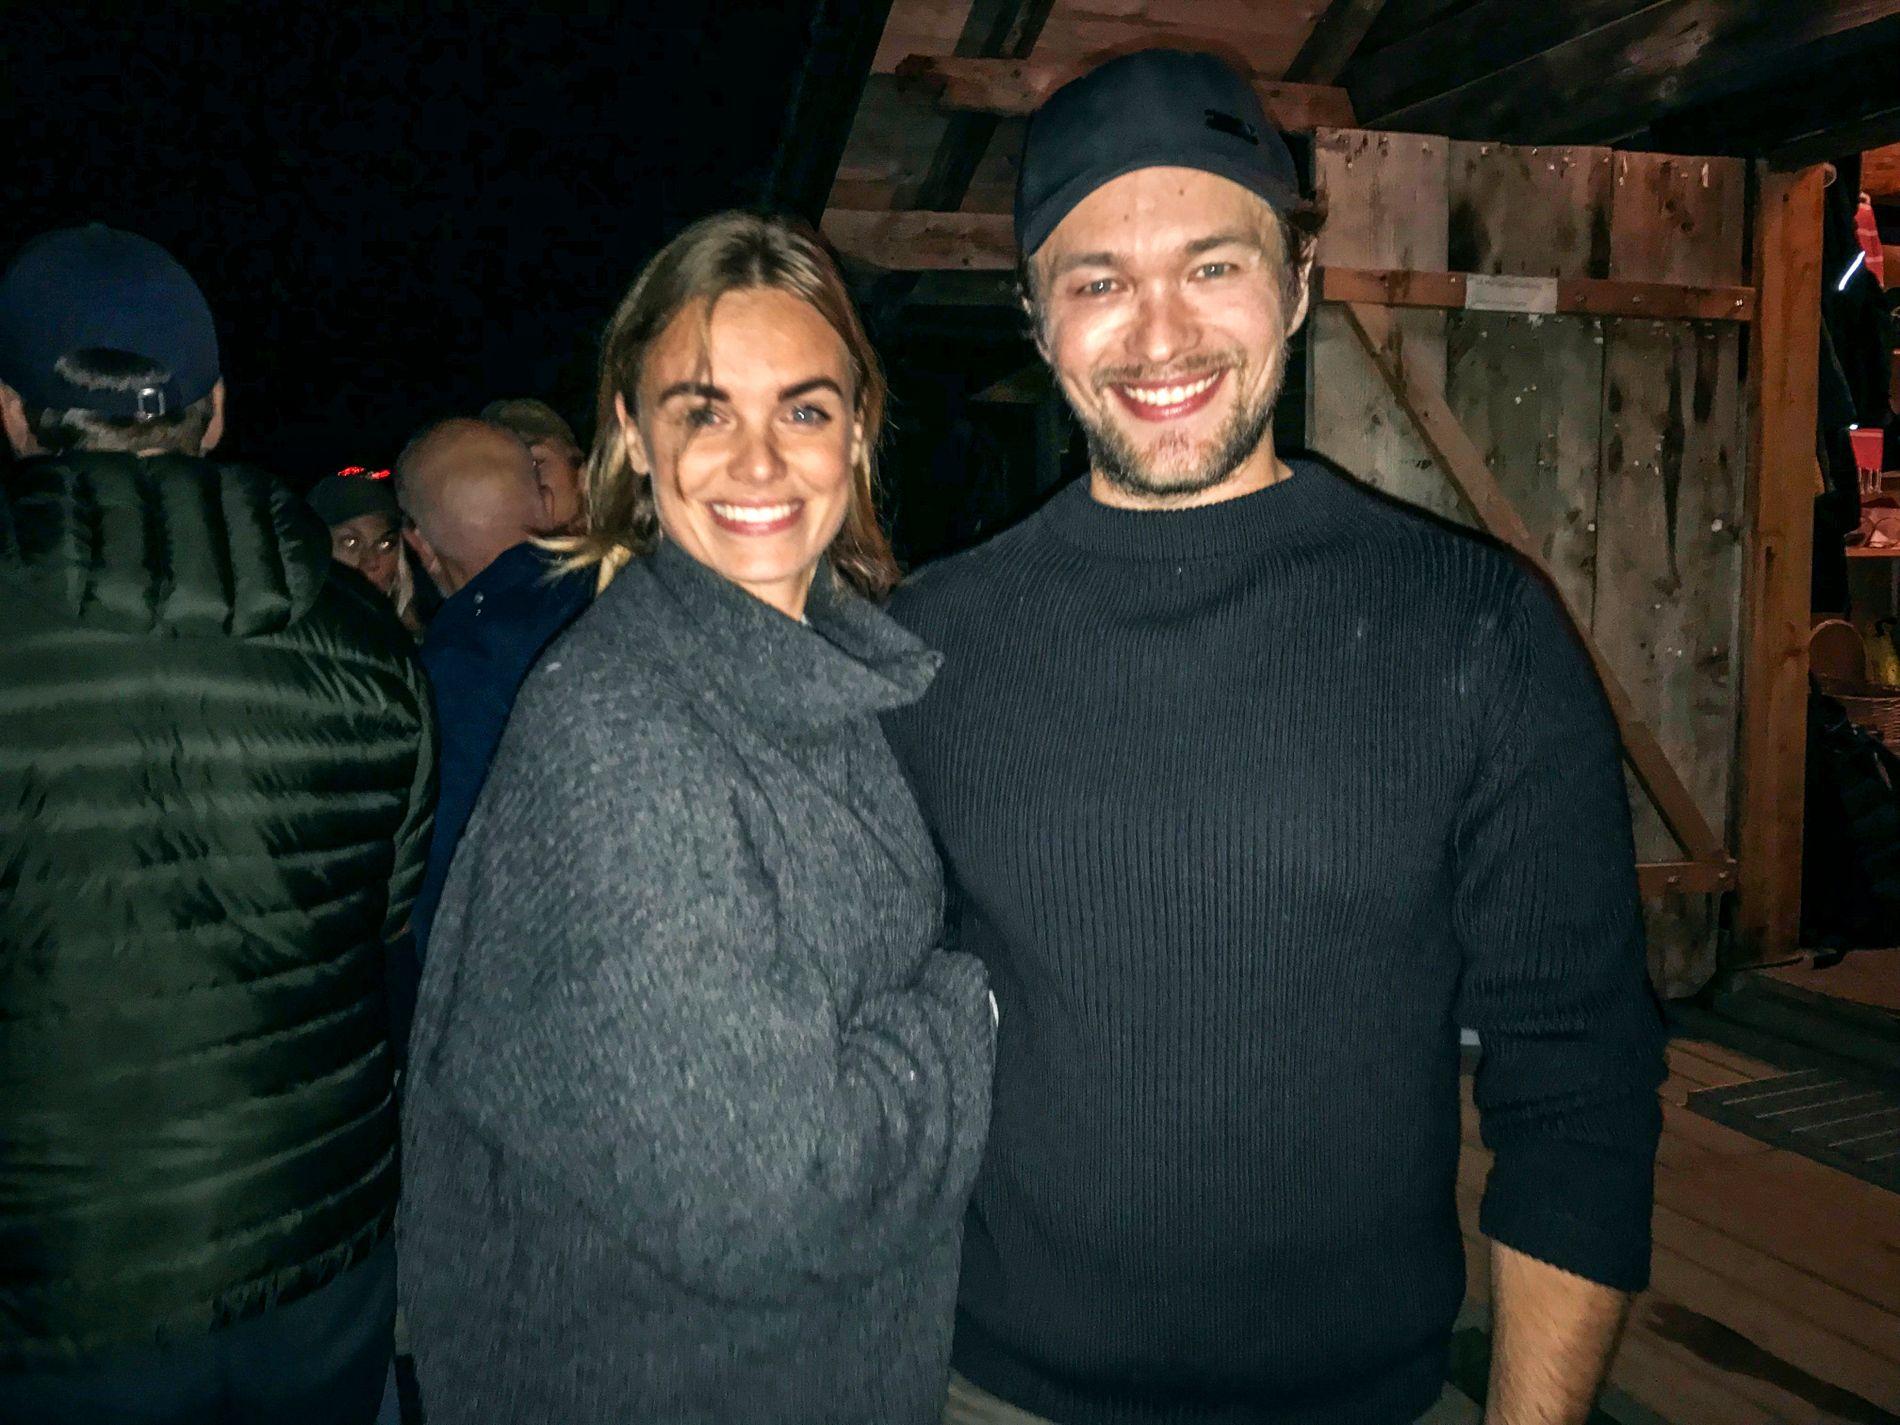 BLIR FORELDRE: Jakob Oftebro og Hannah Cochron.